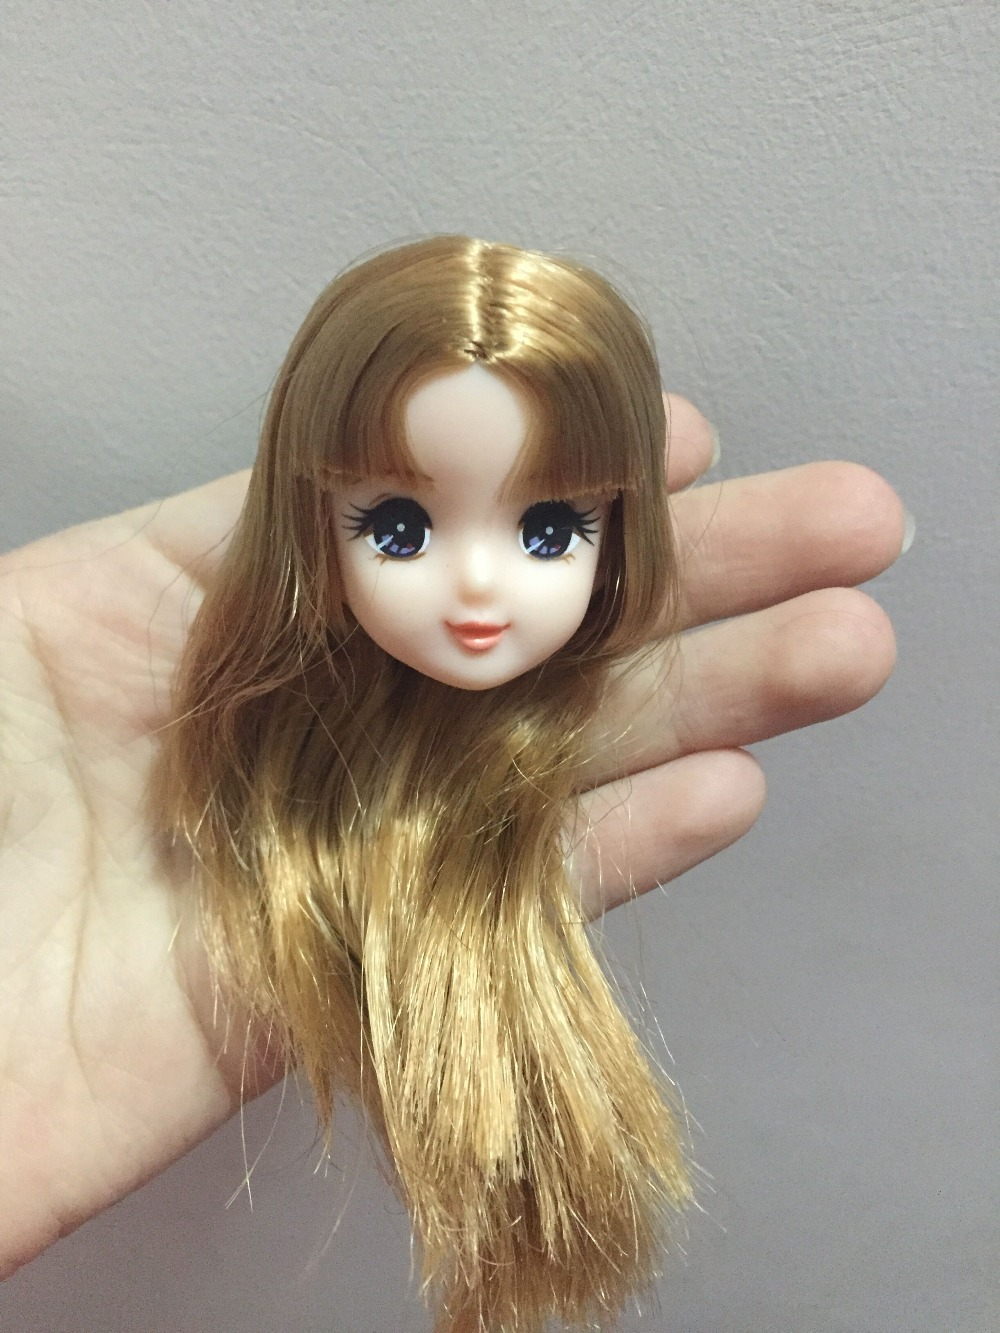 חדש ראשים פלסטיק עבור בובה - צעצועים ממולאים